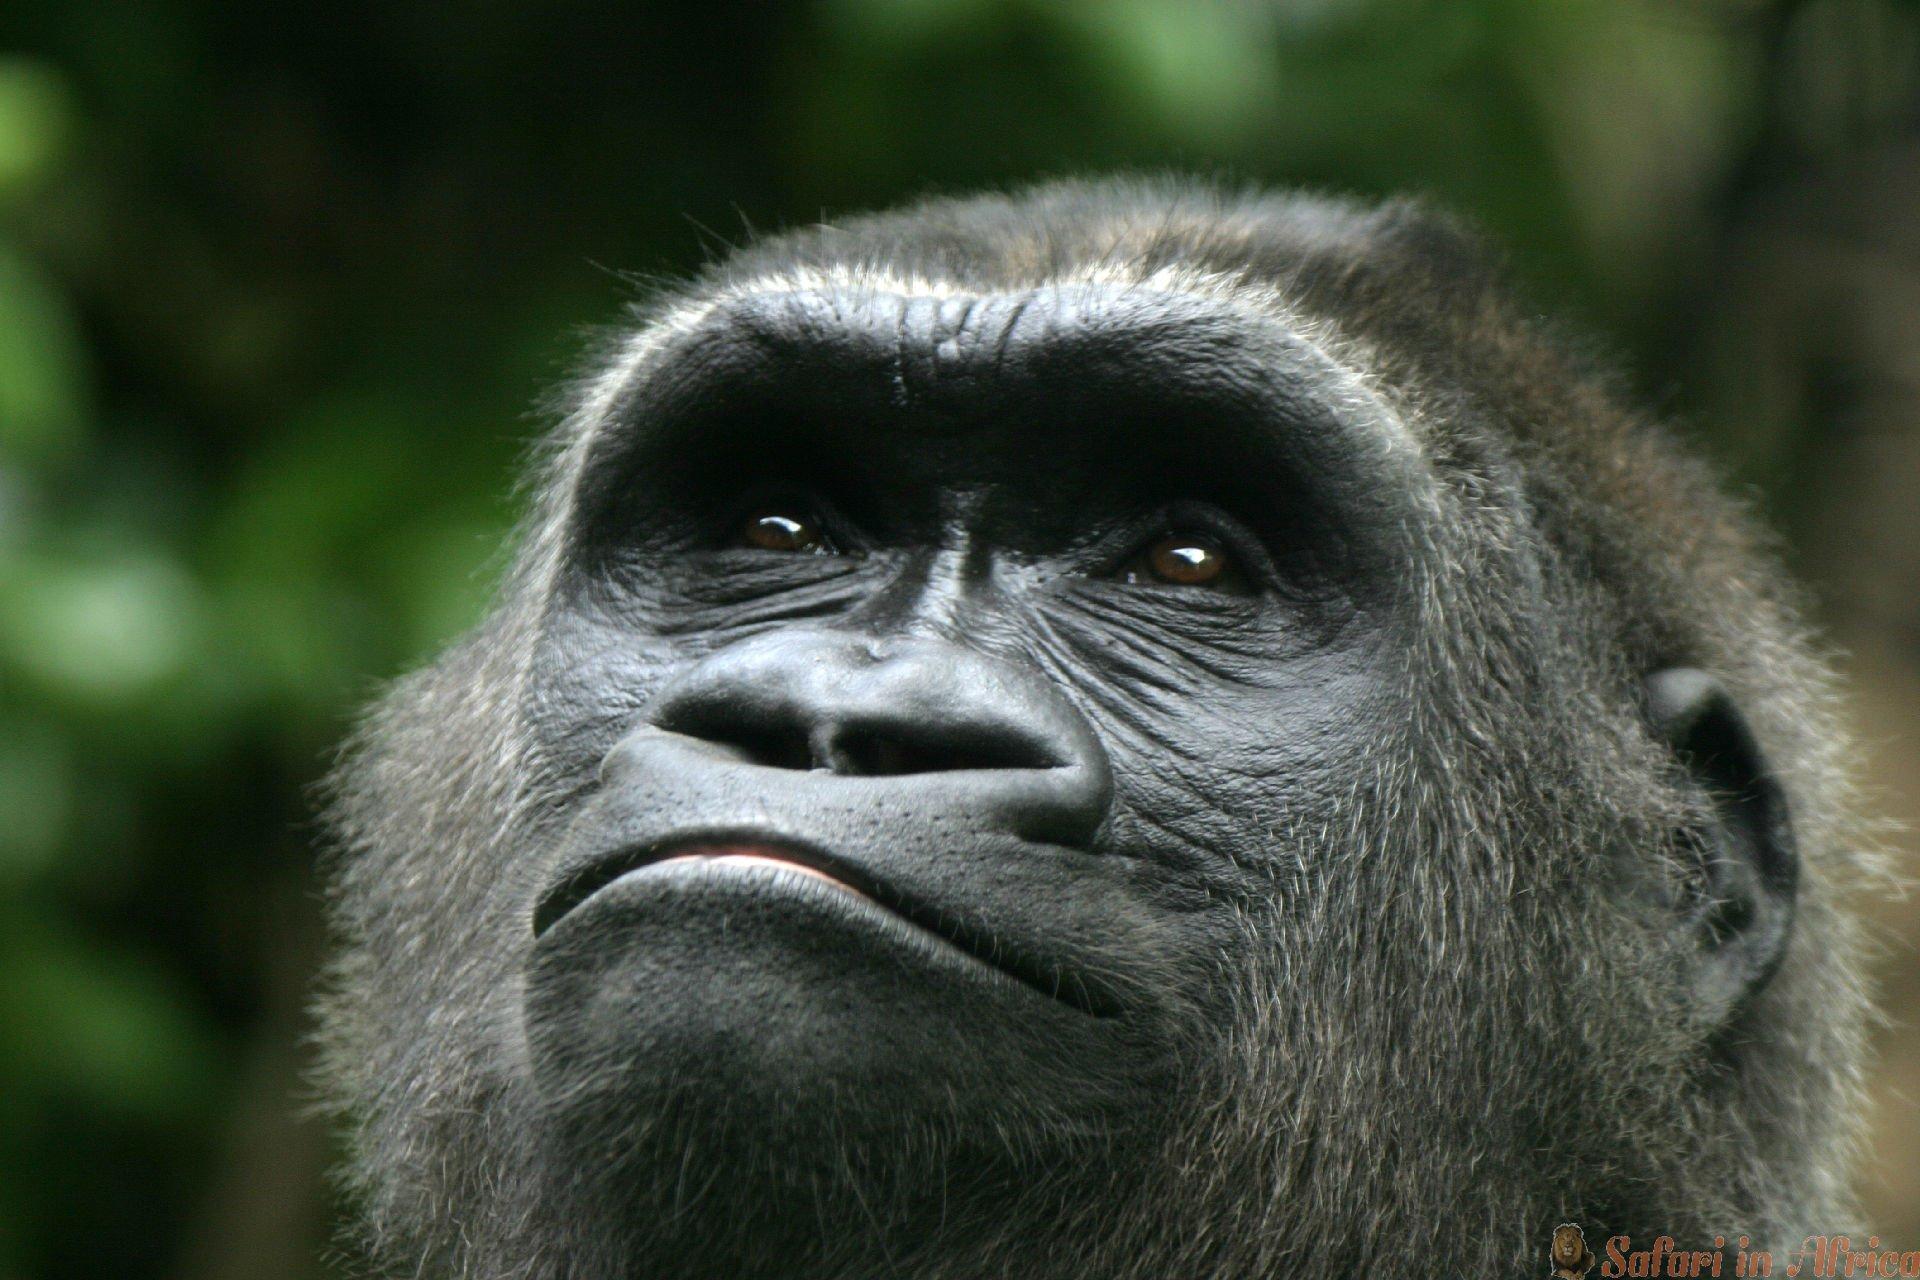 Gorilla close up, Rwanda